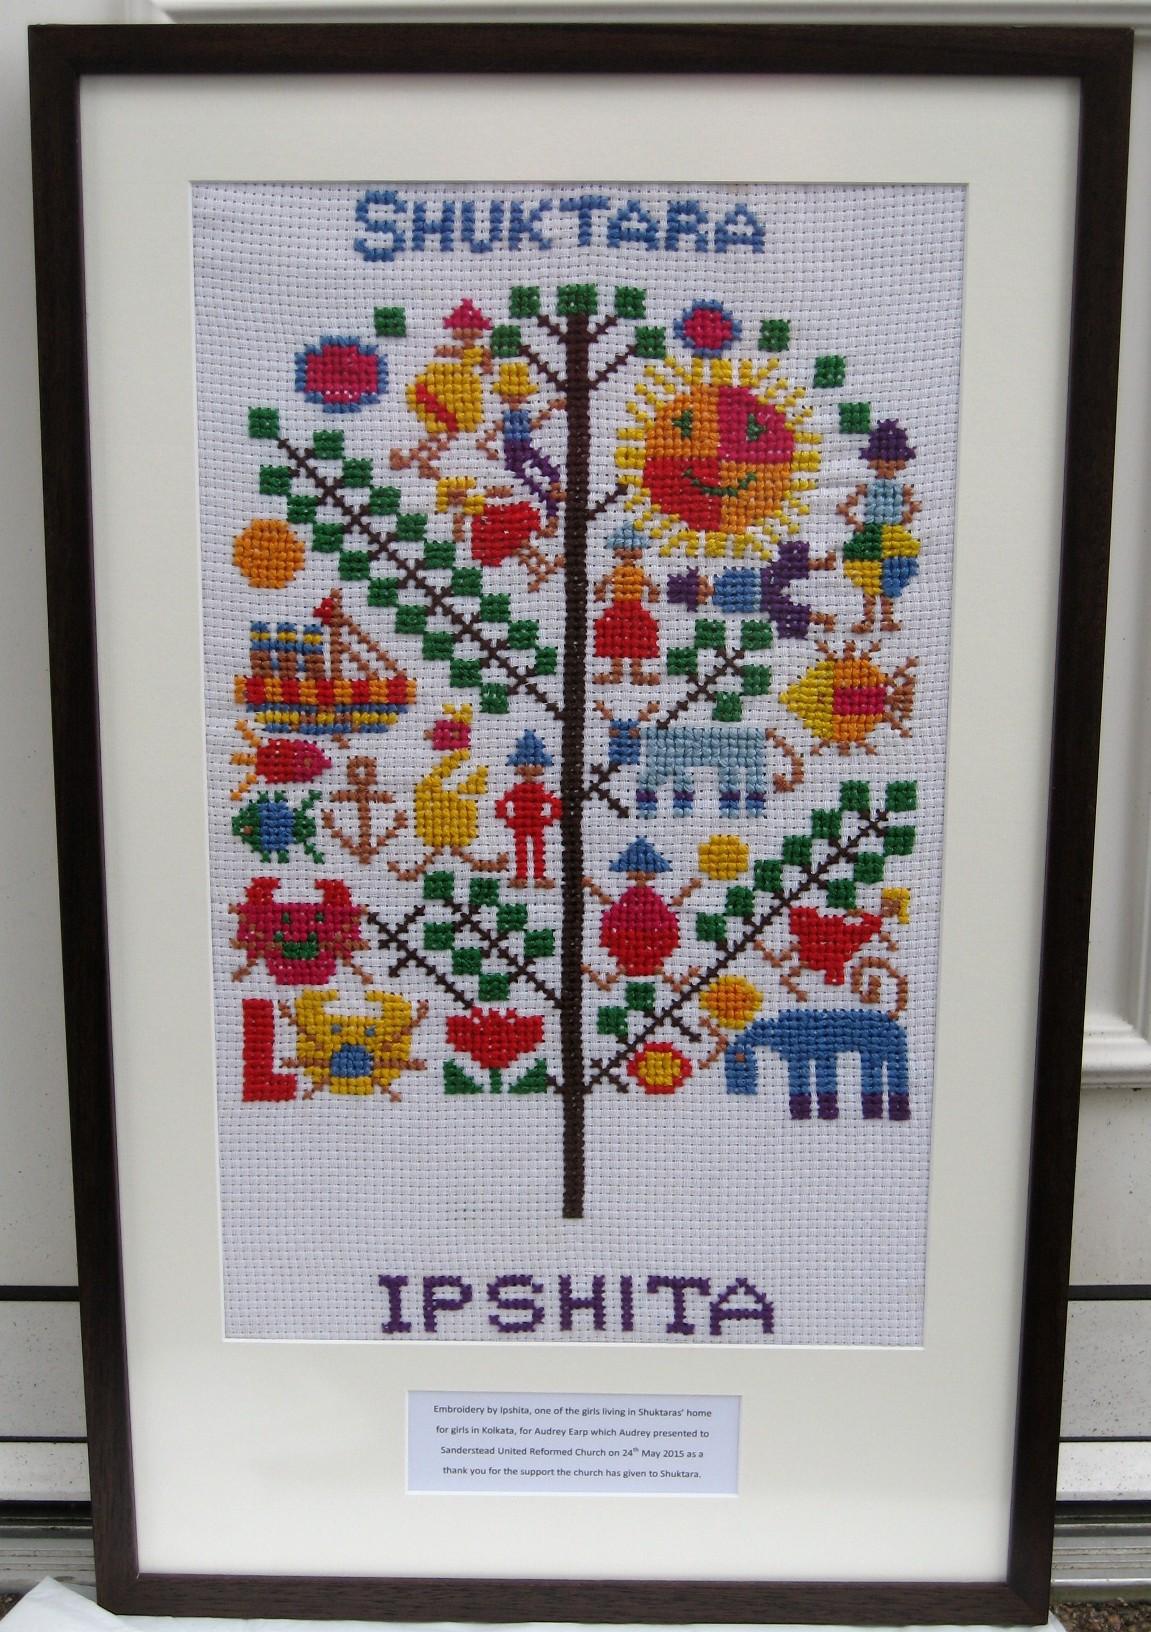 shuktara - Ipshita's embroidery tapestry